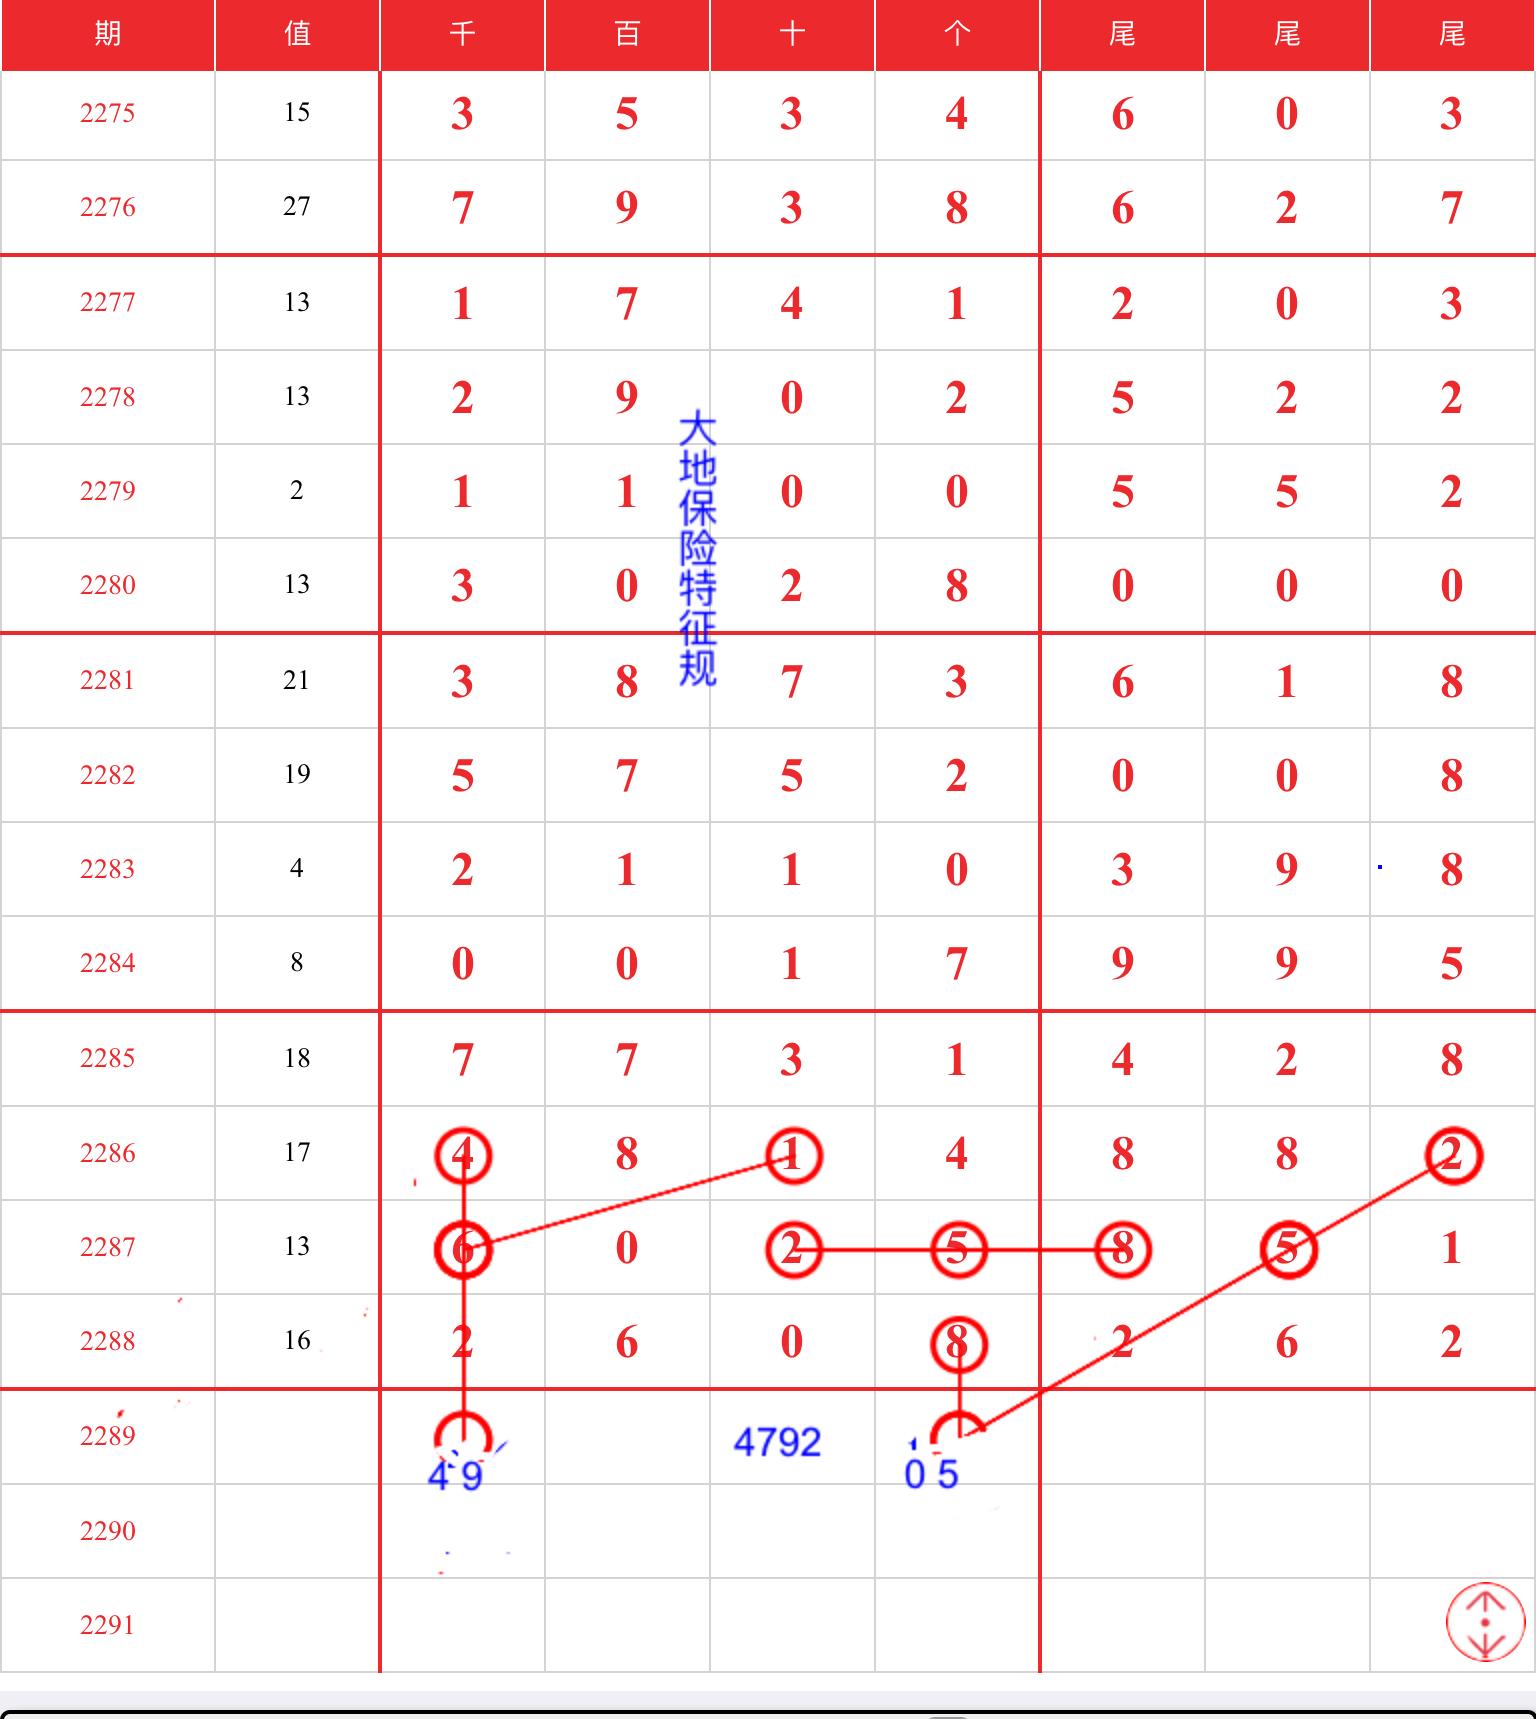 8C4945F2-2DBB-4D6F-B0C3-FFF7301C514E.jpeg